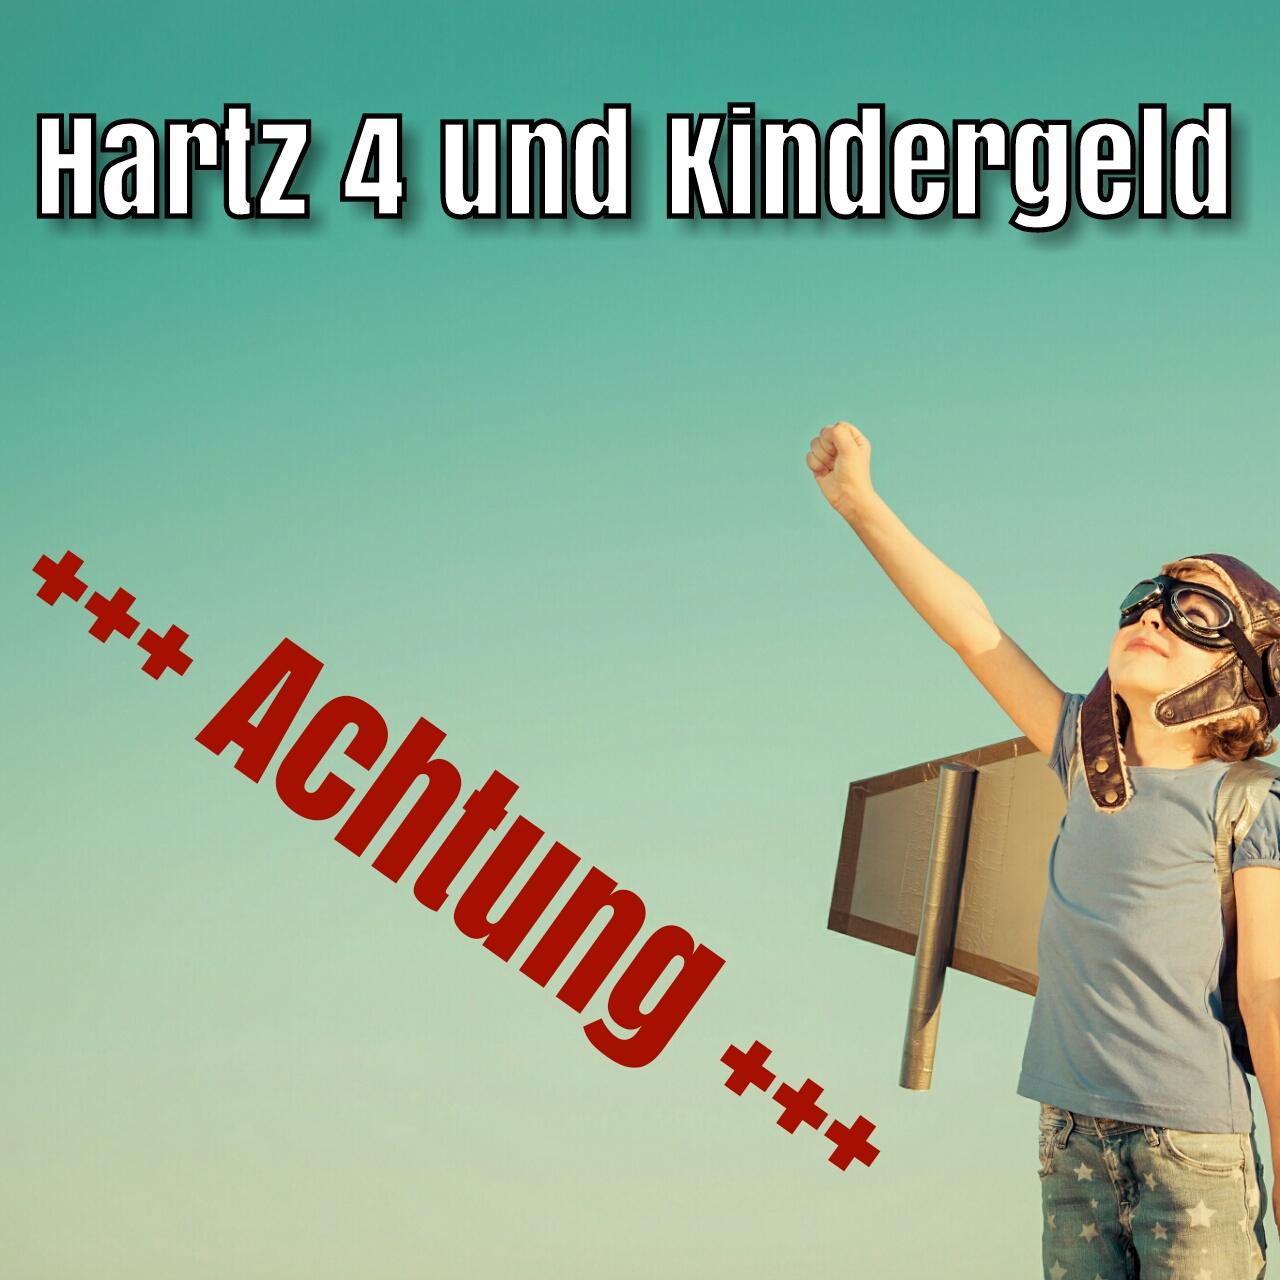 Hartz 4 Geld